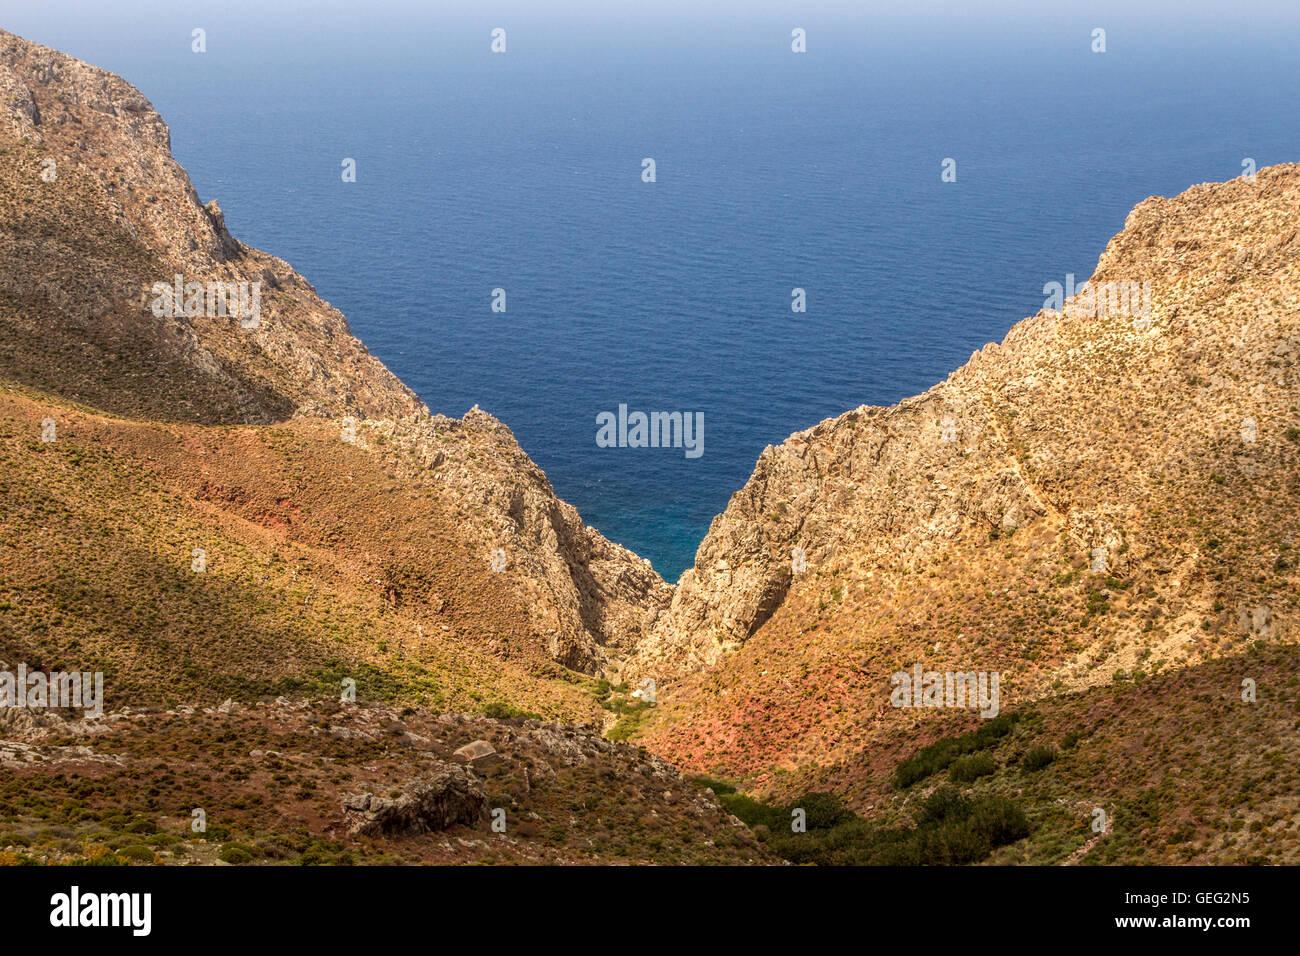 Wilde Felslandschaft auf Tilos Insel, Ägäis, Dodekanes, Griechenland. Stockbild